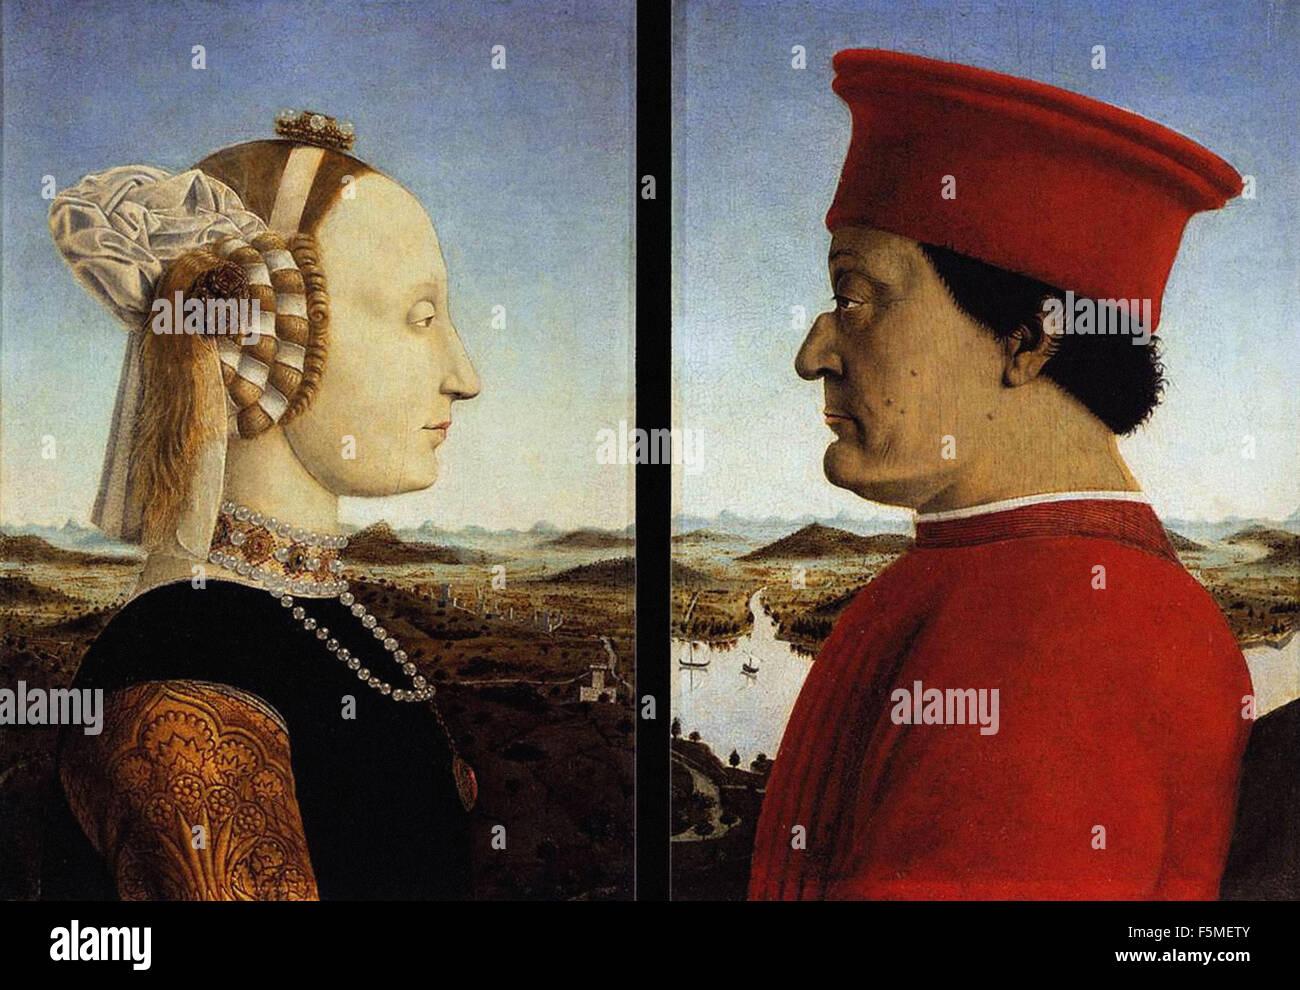 Piero - Porträts von Federico da Montefeltro und seiner Ehefrau Battista Sforza Stockbild